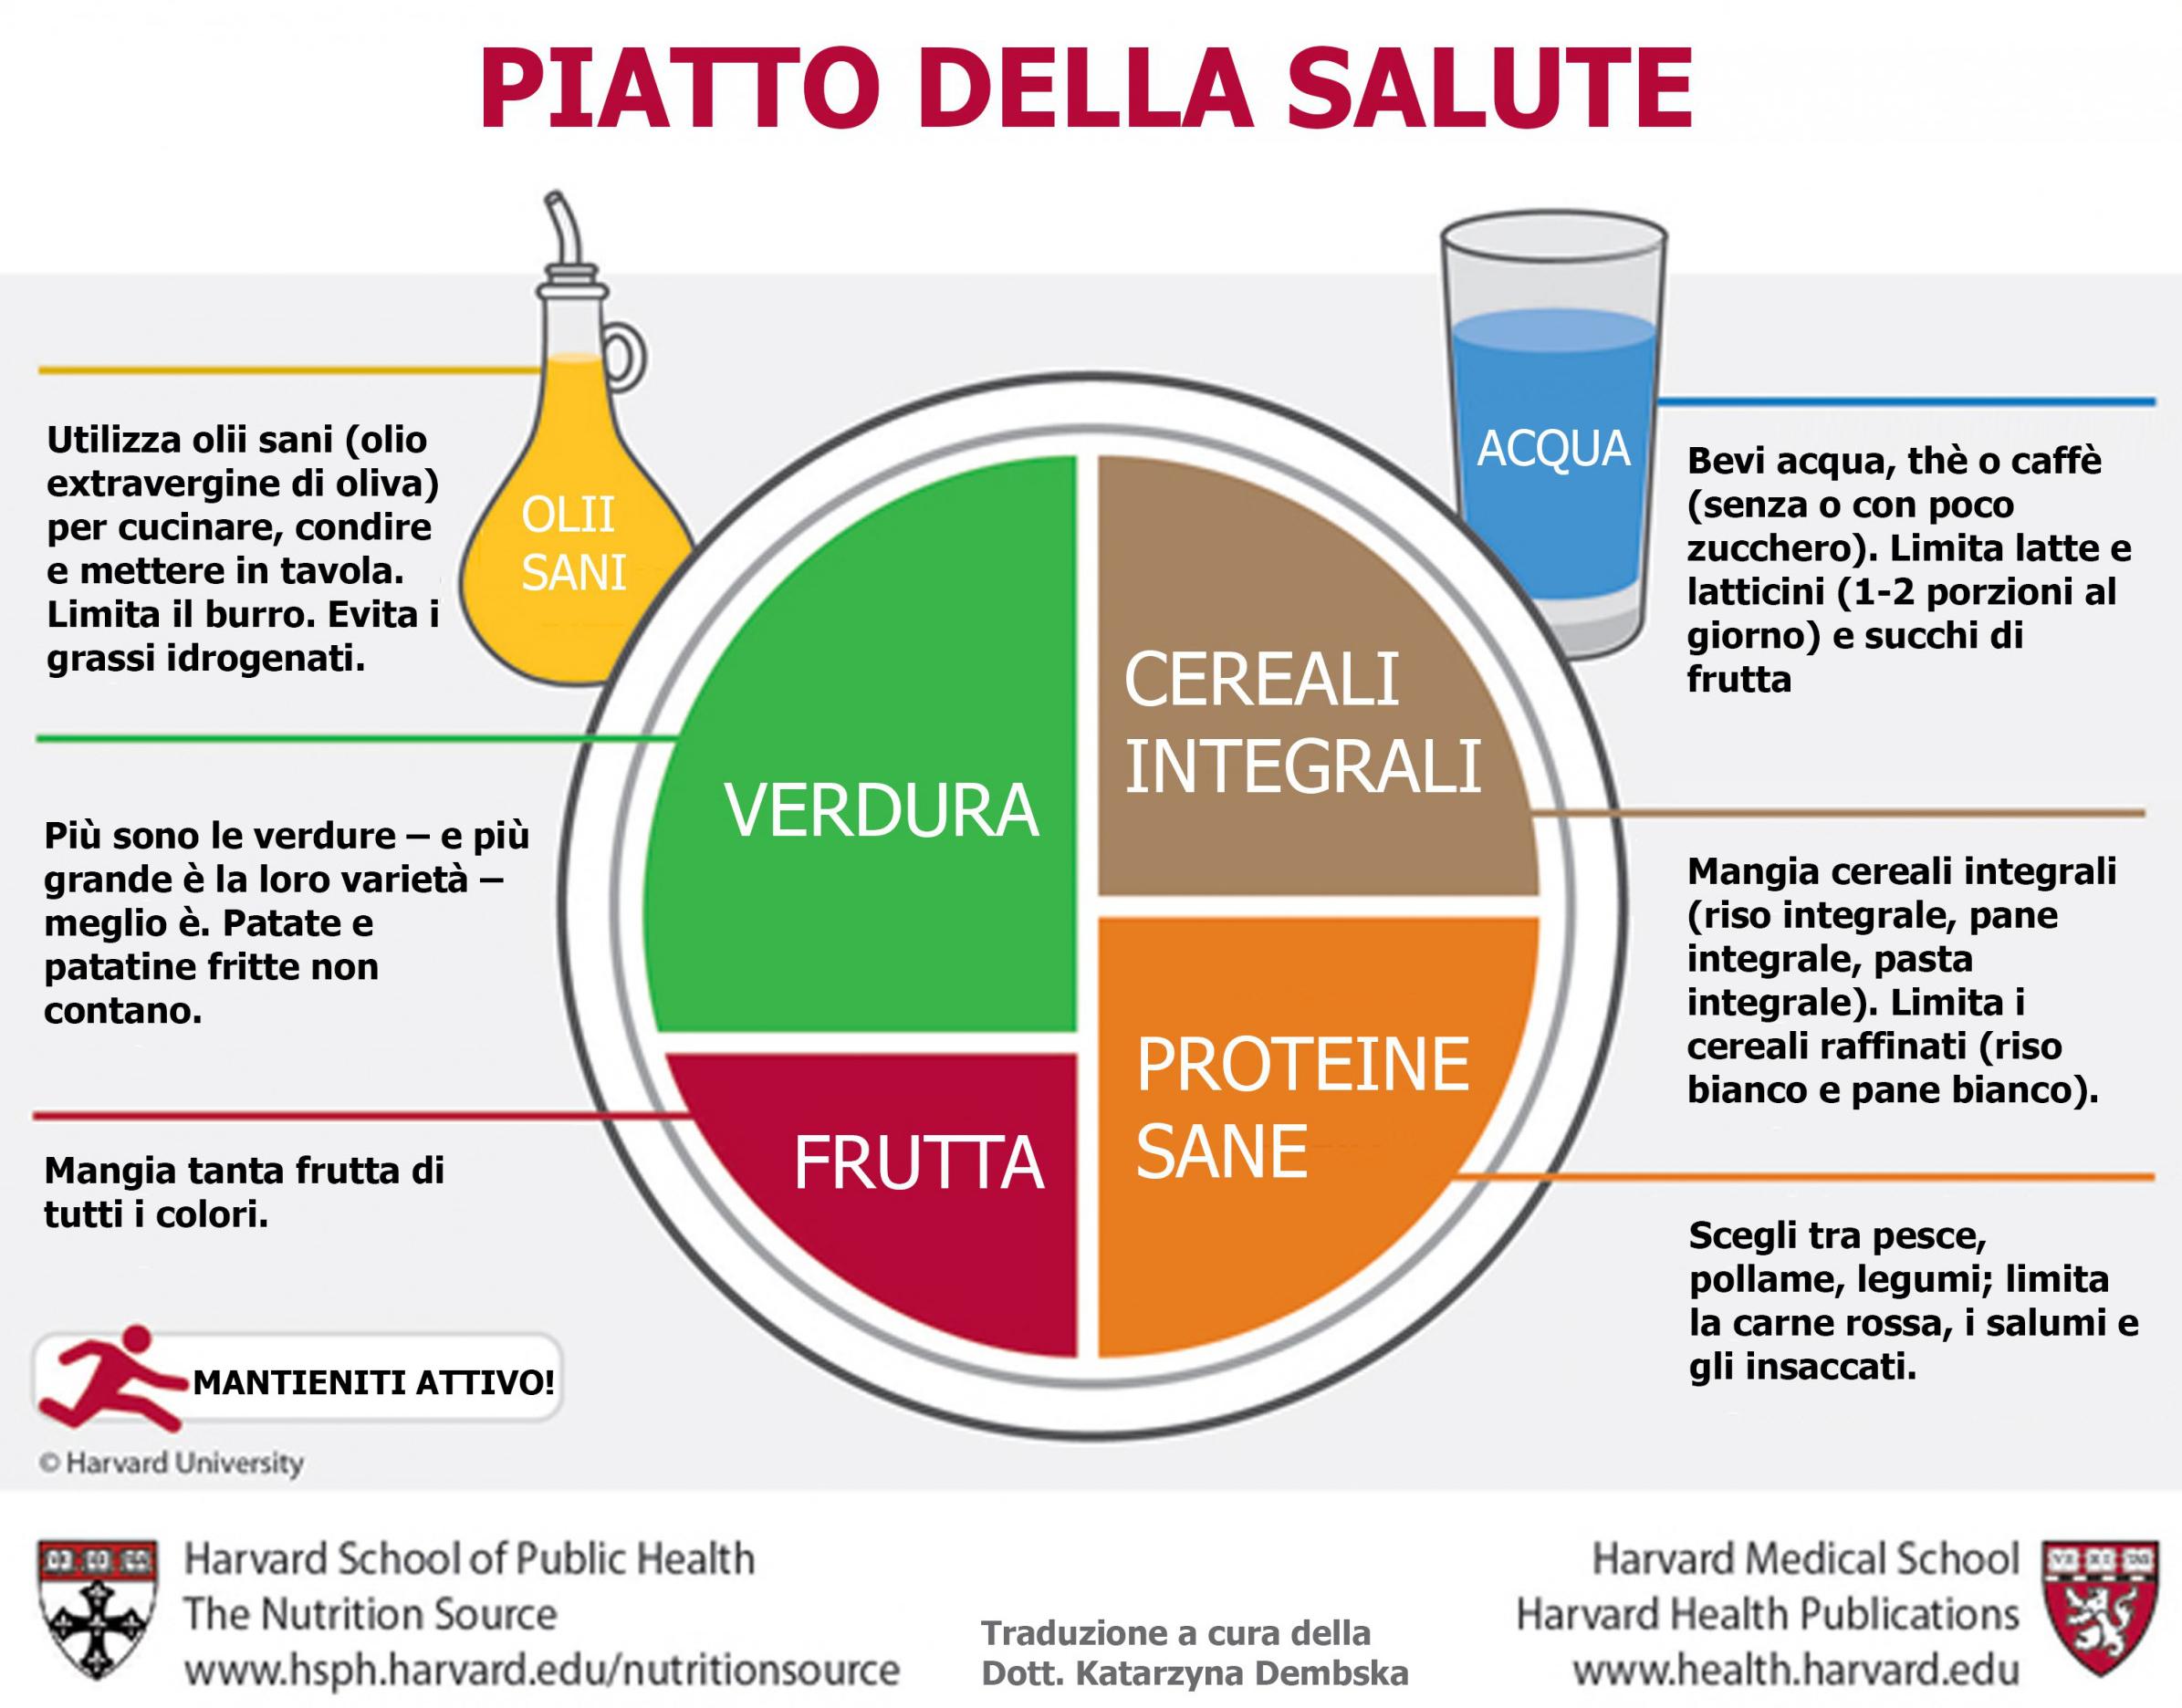 Il piatto della salute dell'Università di Harvard